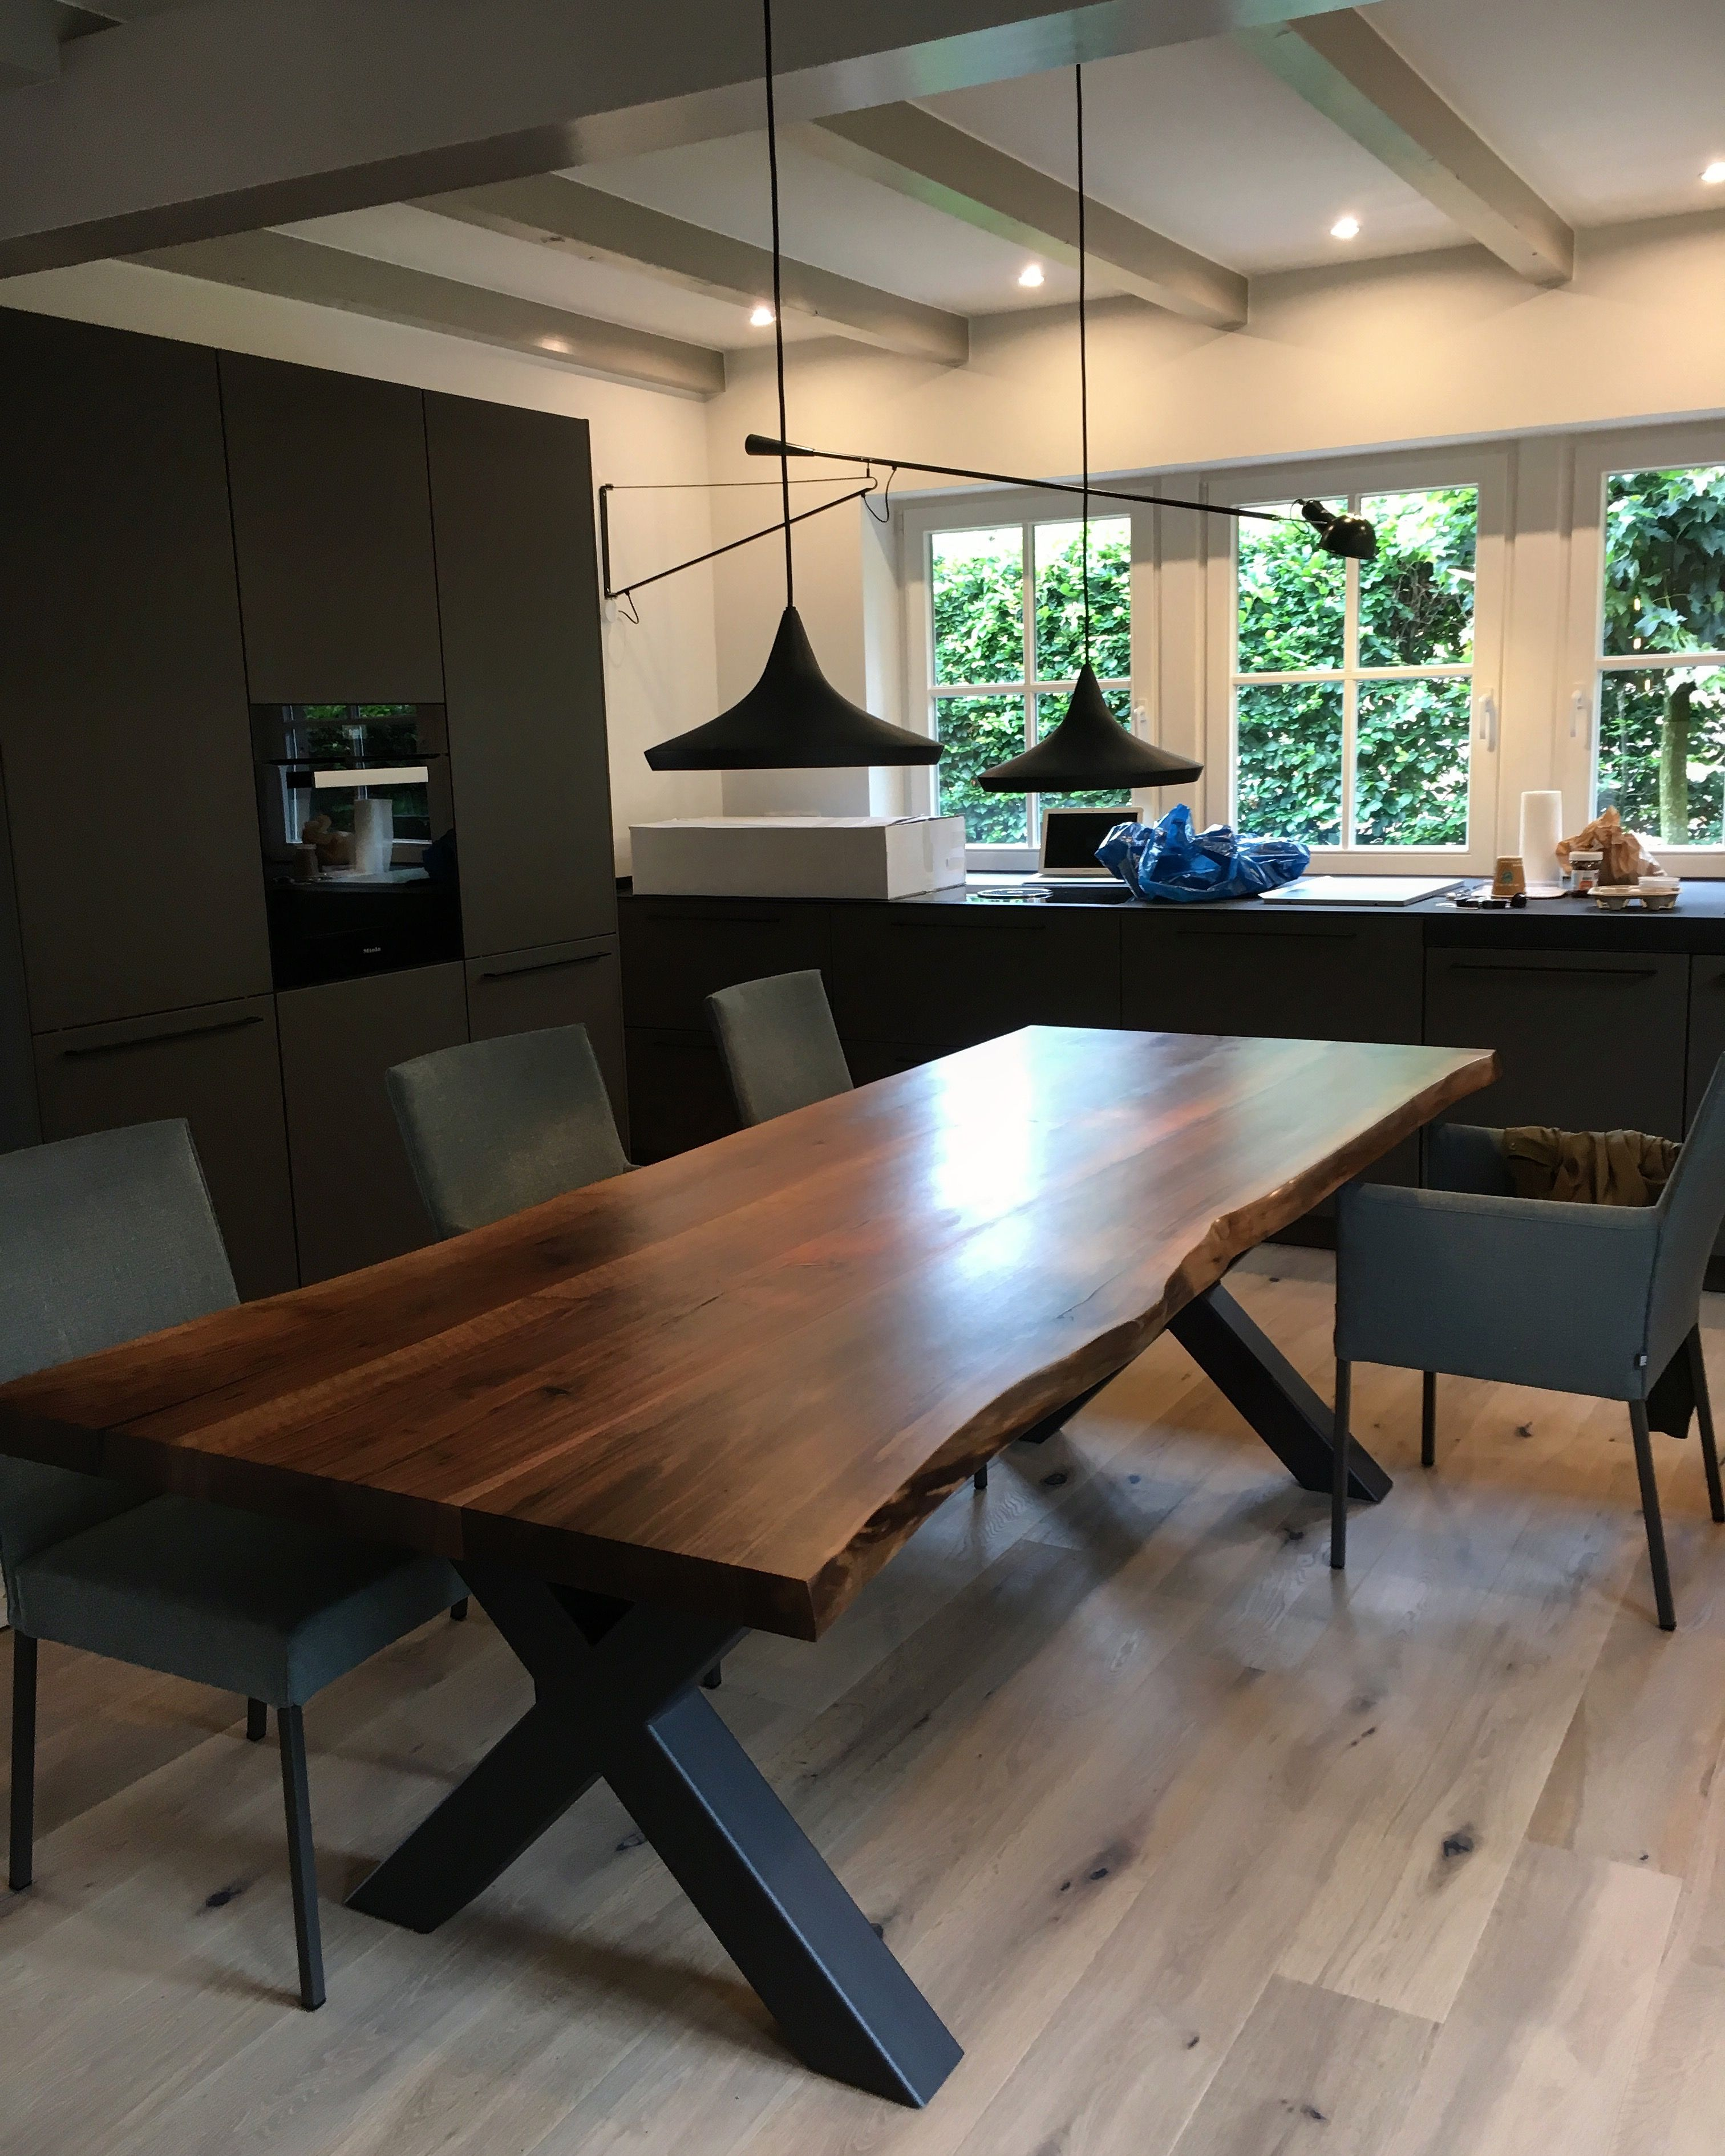 Massivholztisch / Esstisch / Baumtisch / Nussbaumtisch / Tisch / Holztisch  Aus Nussbaum Holz Mit